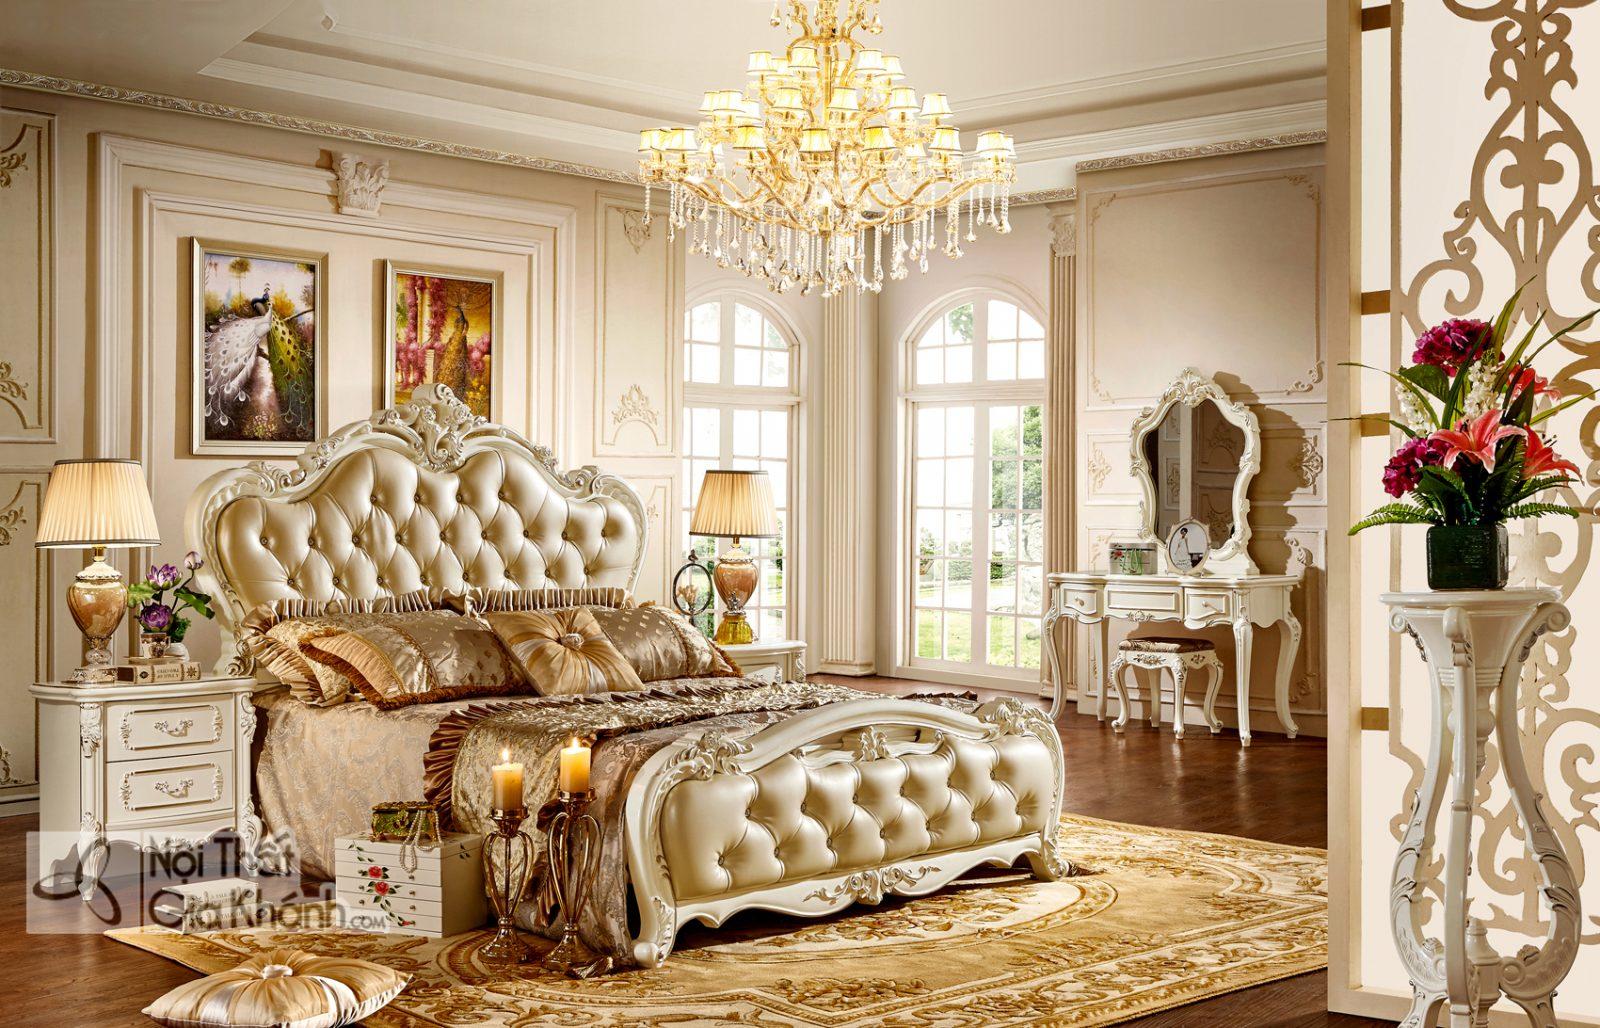 Giường Ngủ Đẹp Phong Cách Tân Cổ Điển GI8816H